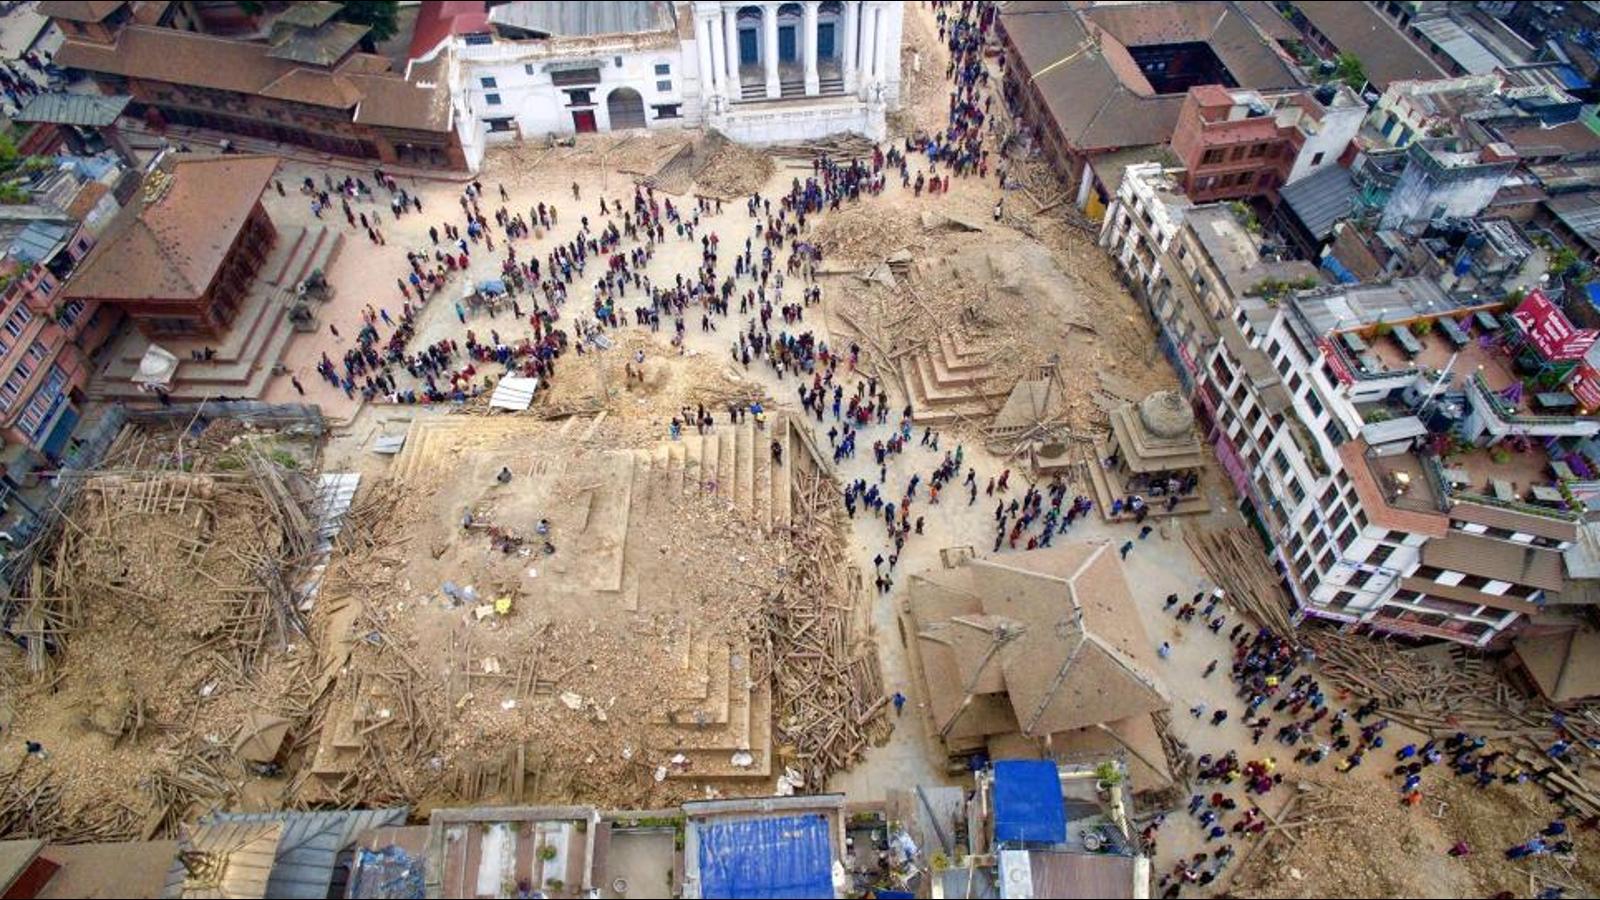 Imágenes en dron muestran la destrucción en Nepal tras el terremoto